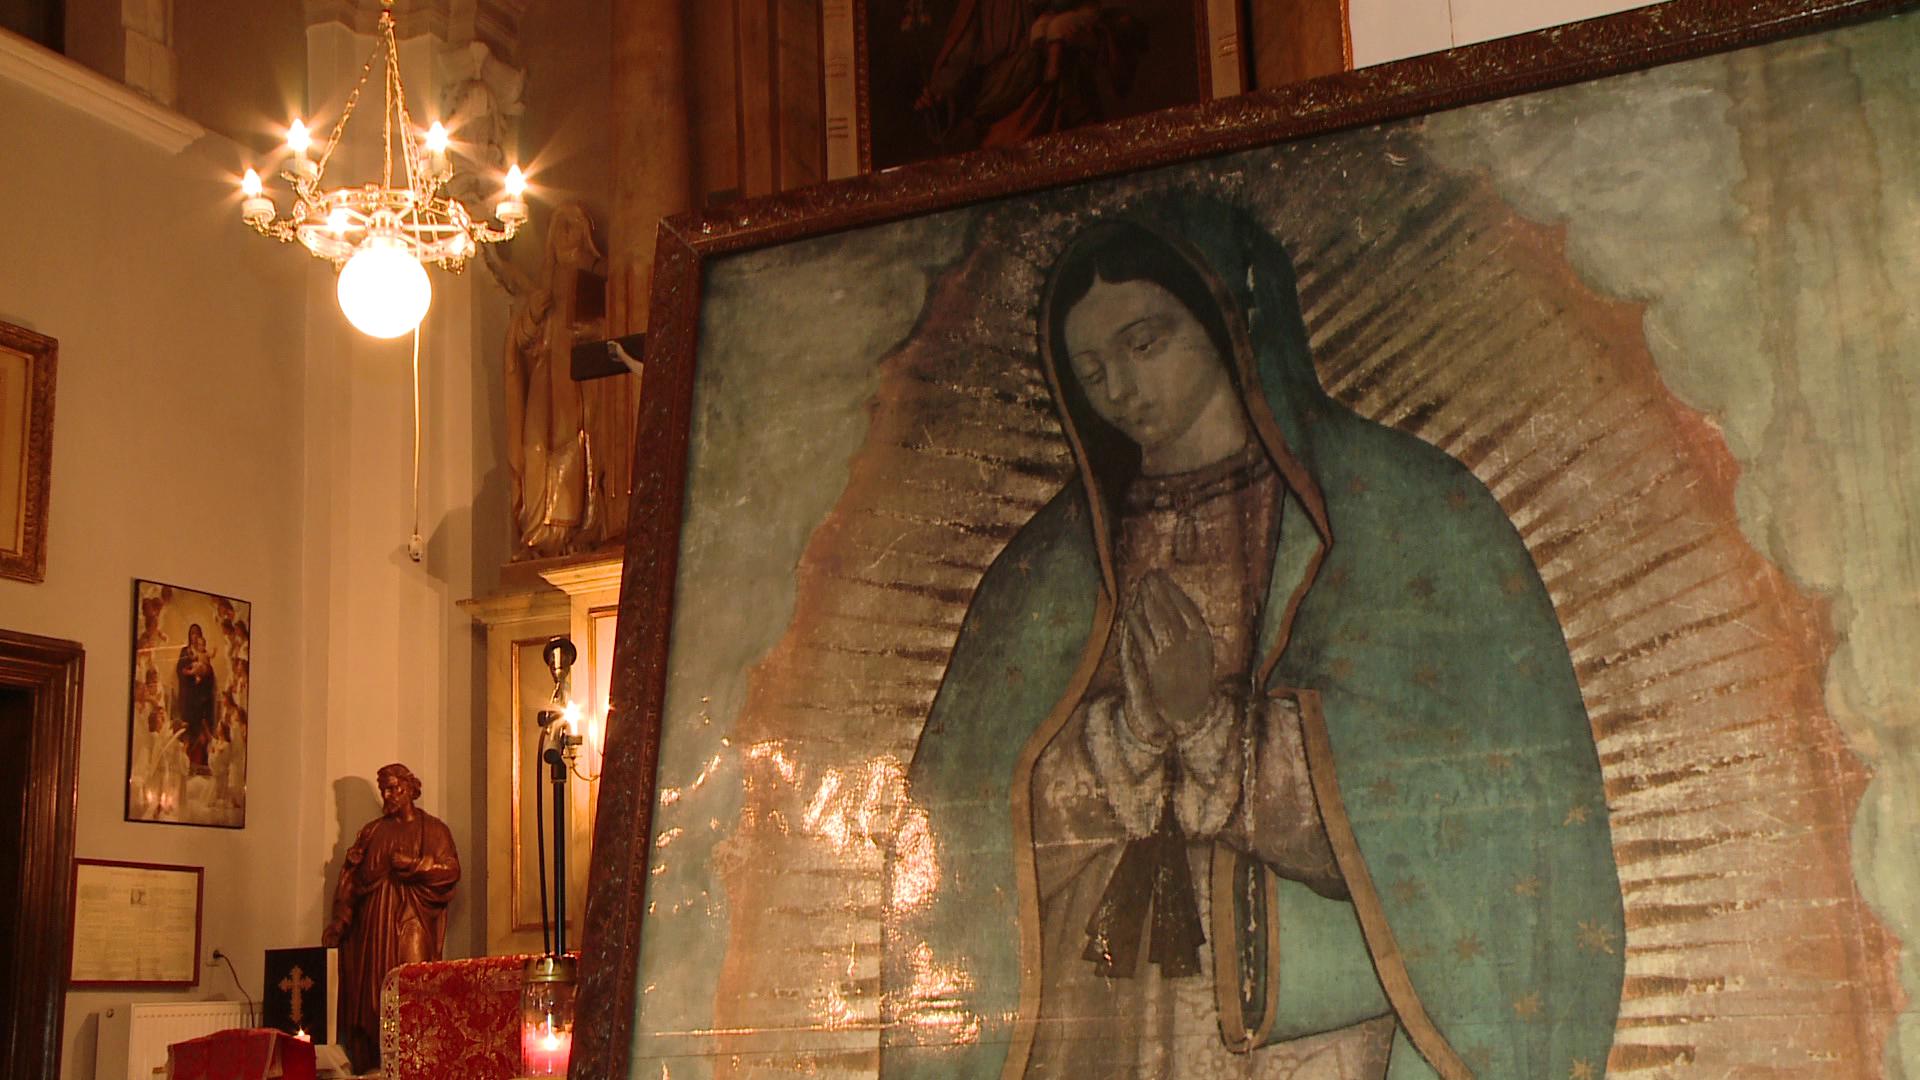 Credinciosii catolici se pot ruga la icoana facatoare de minuni a Sfintei Fecioare de Guadalupe. Cand va ajunge la Timisoara